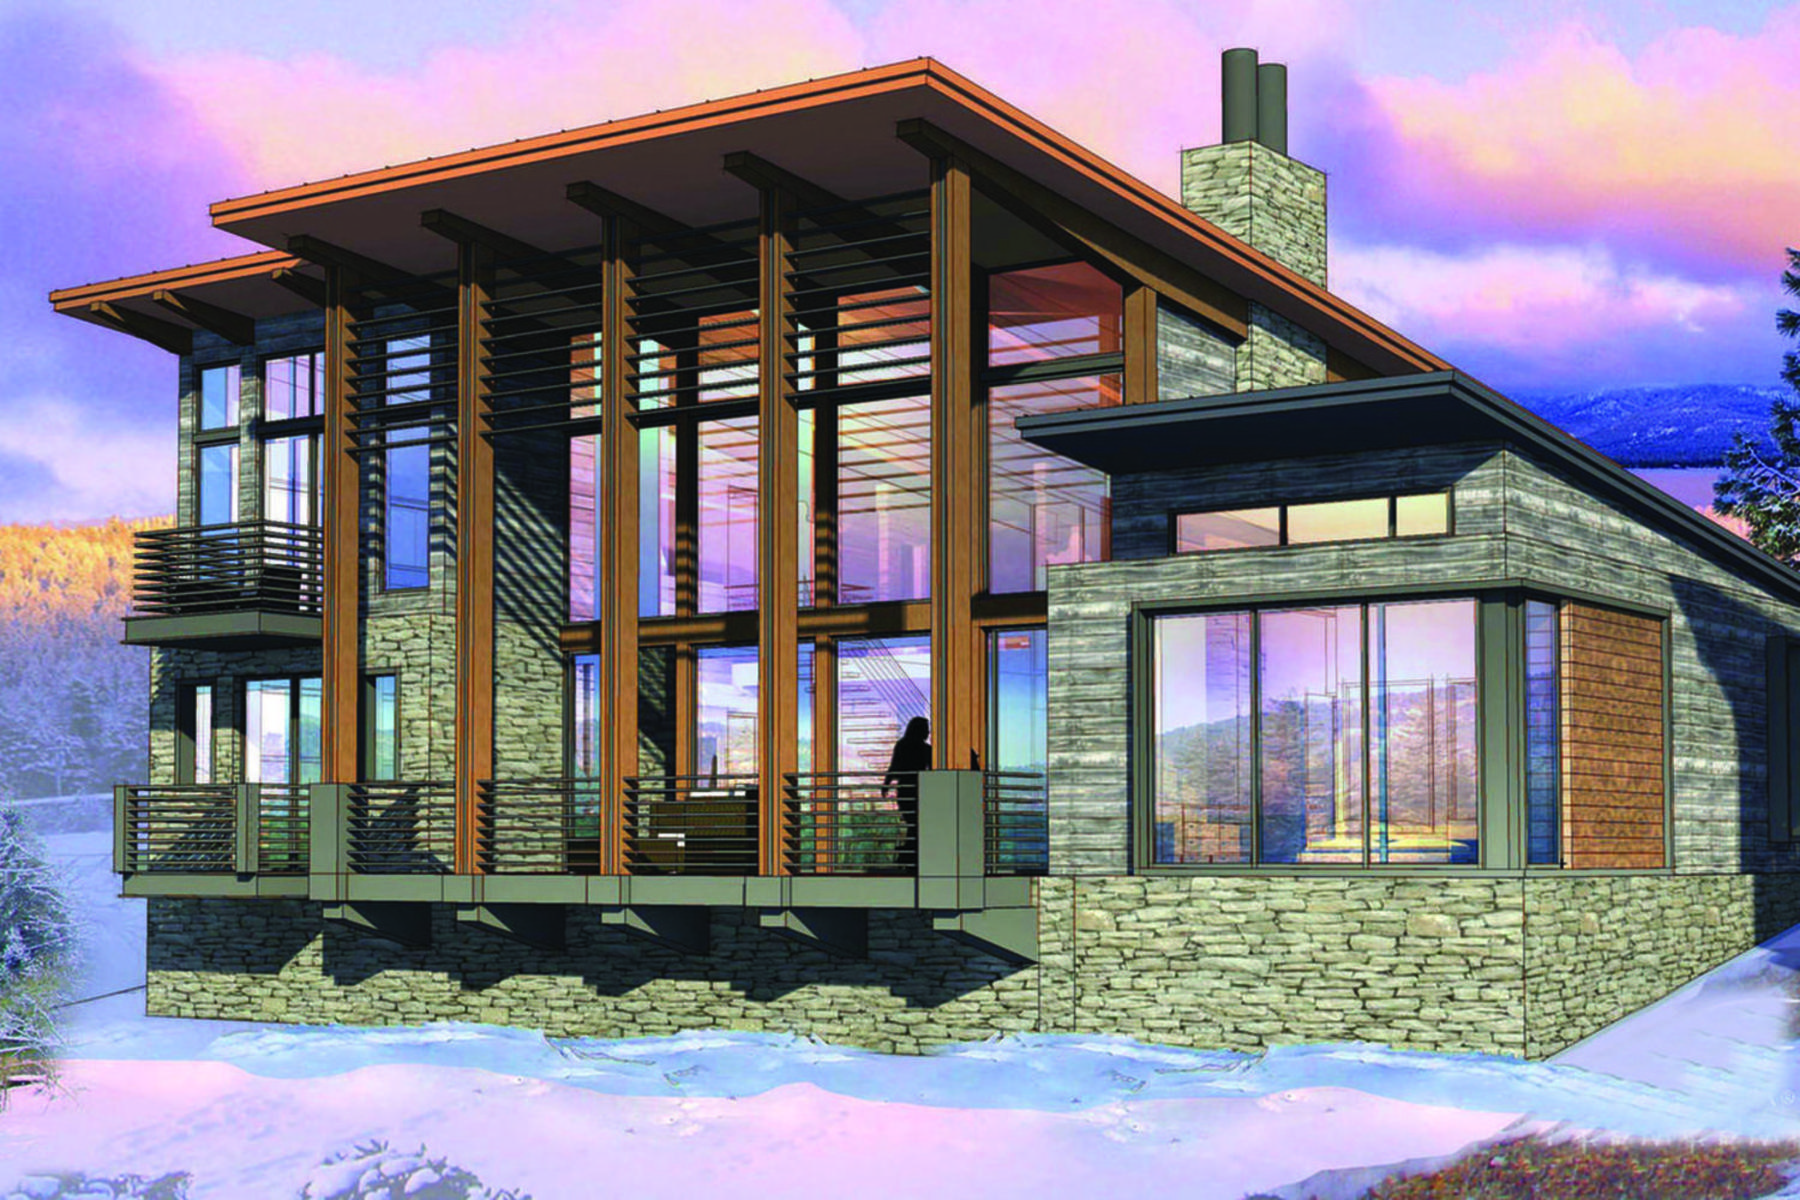 단독 가정 주택 용 매매 에 New Nicklaus Golf Cabin Promontory 6650 Golden Bear Loop West Park City, 유타, 84098 미국